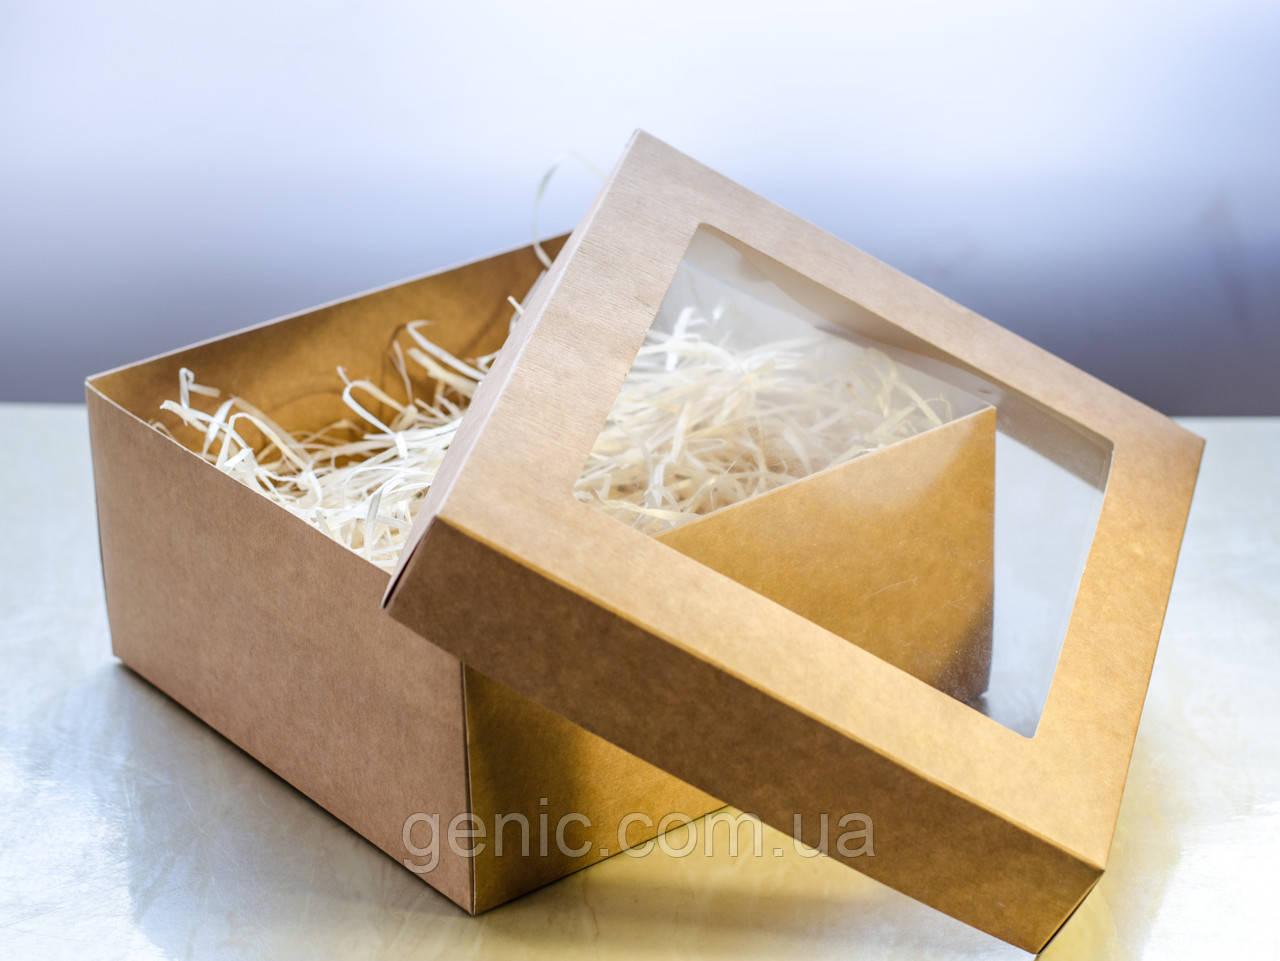 Подарочная коробка с наполнителем. Размер коробки 17*17*10 см